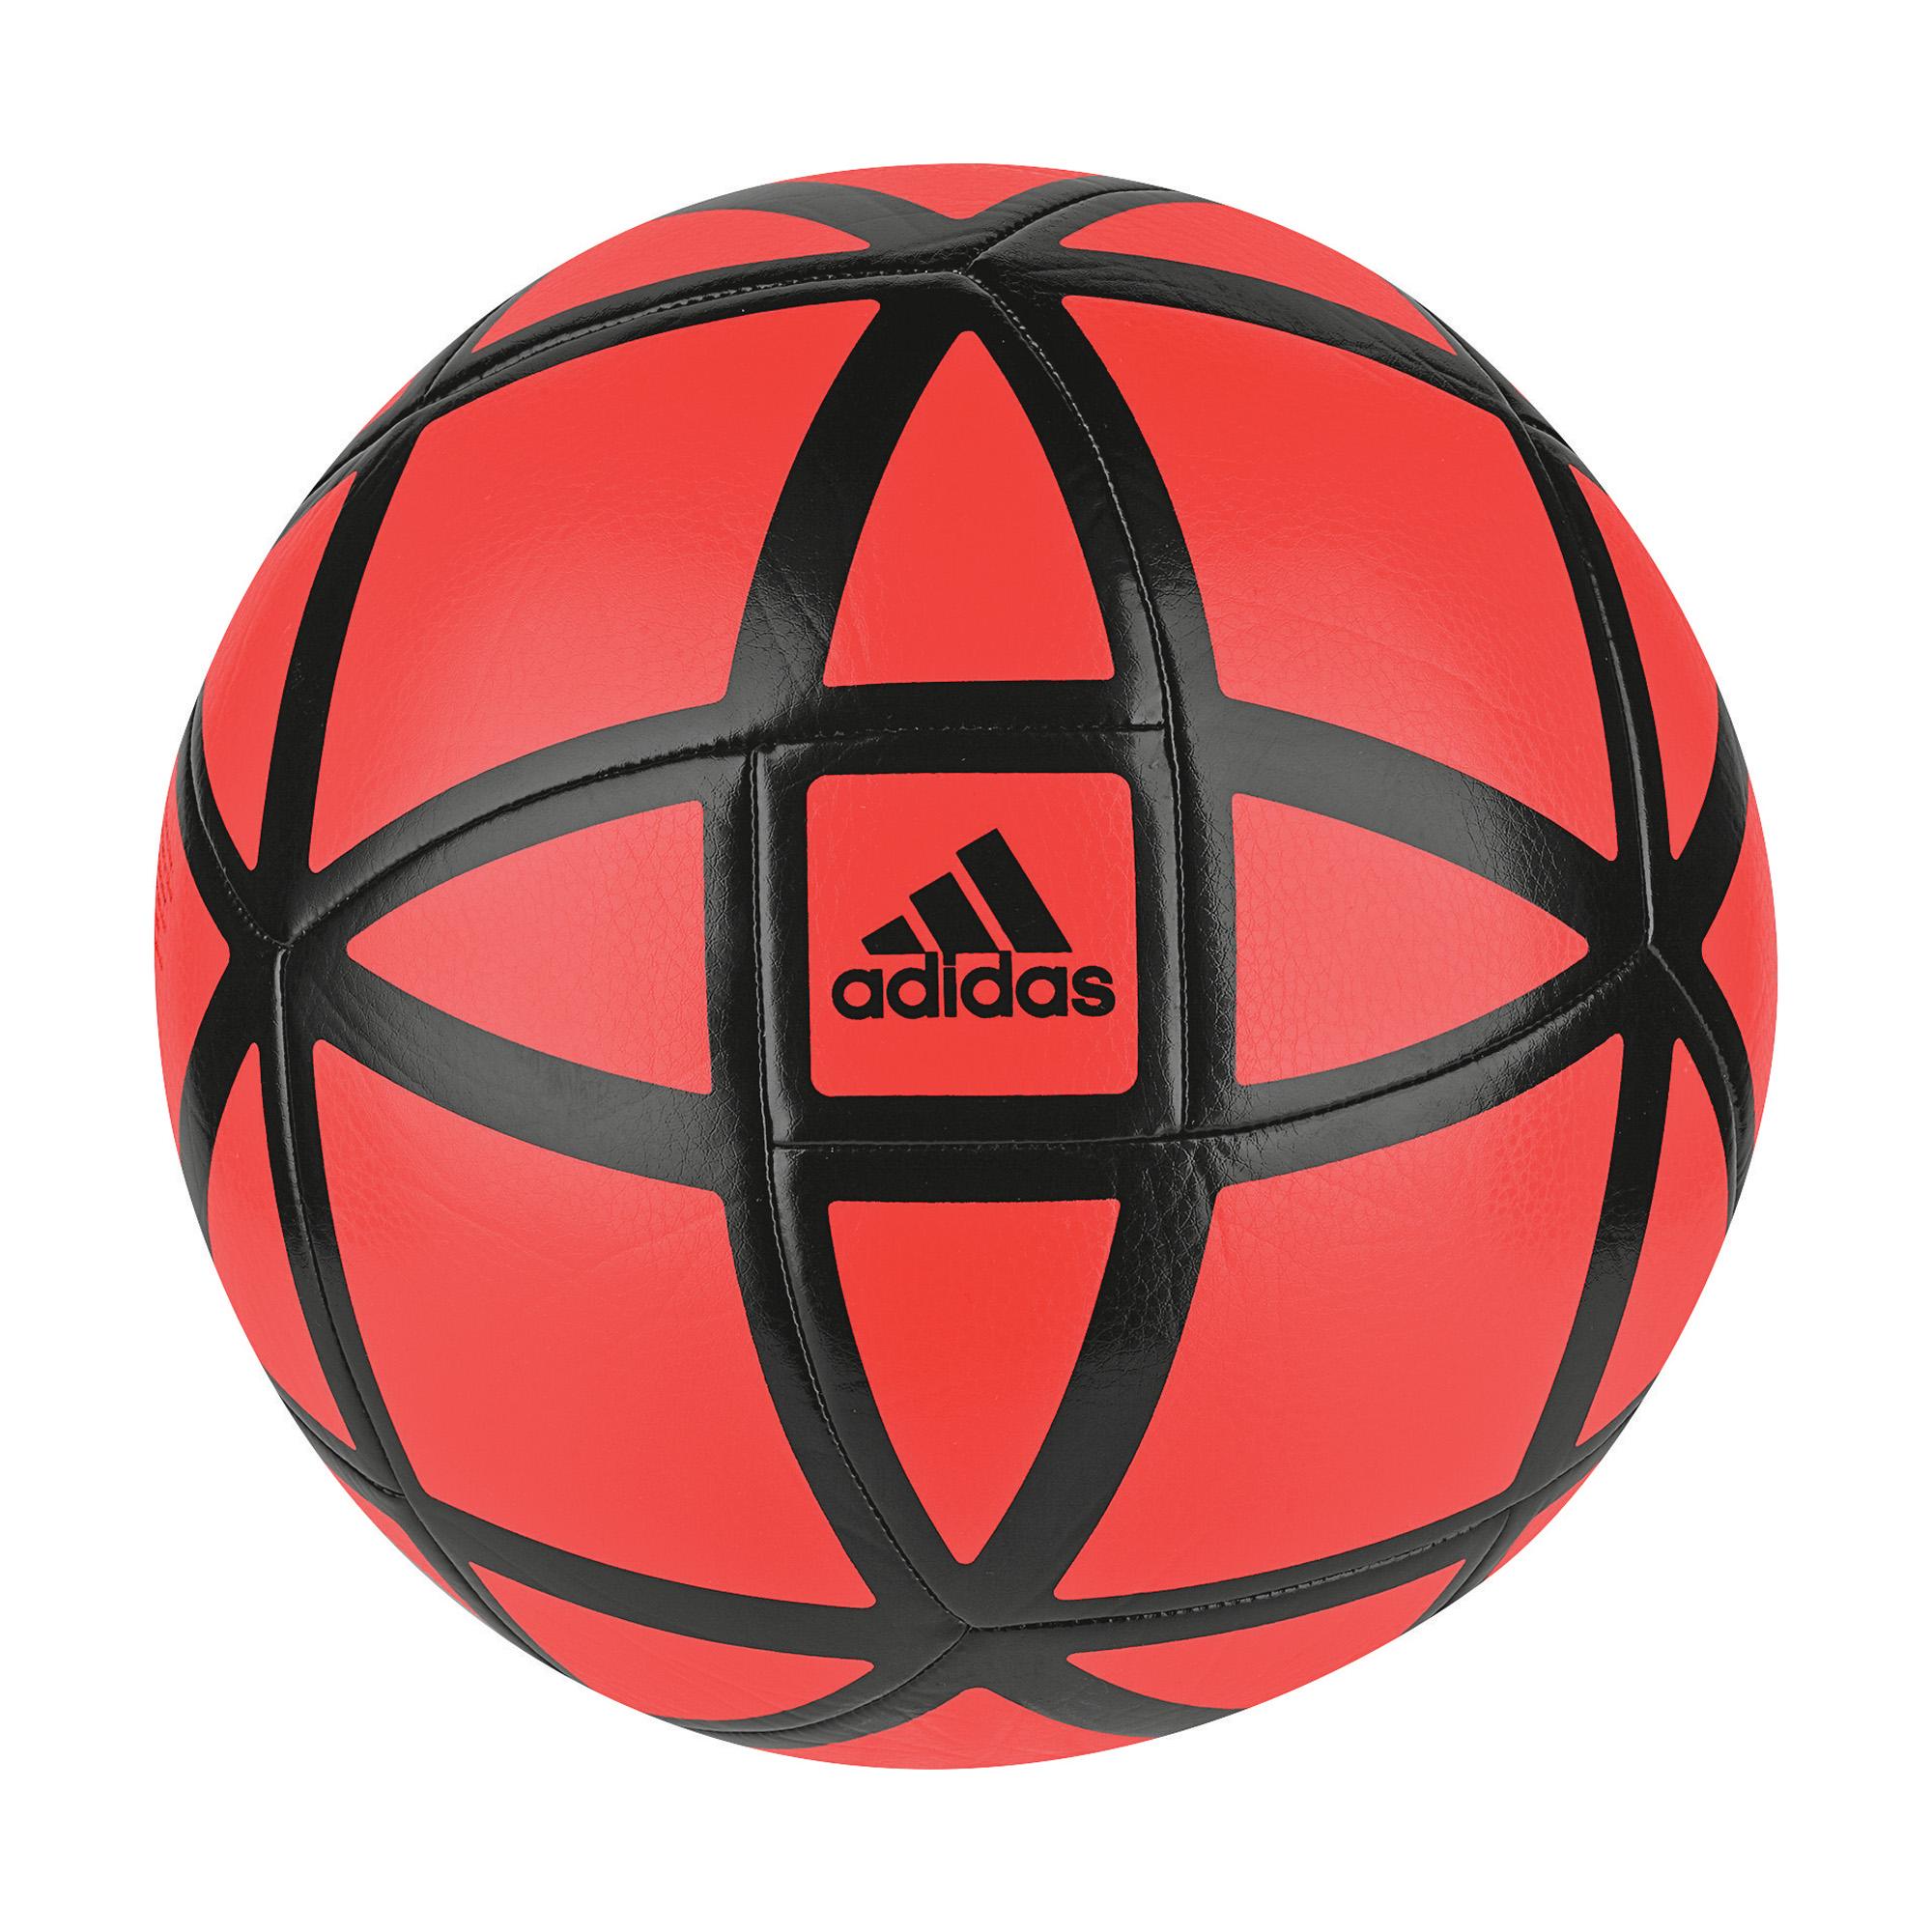 adidas Fussball adidas Glider BQ1378 5